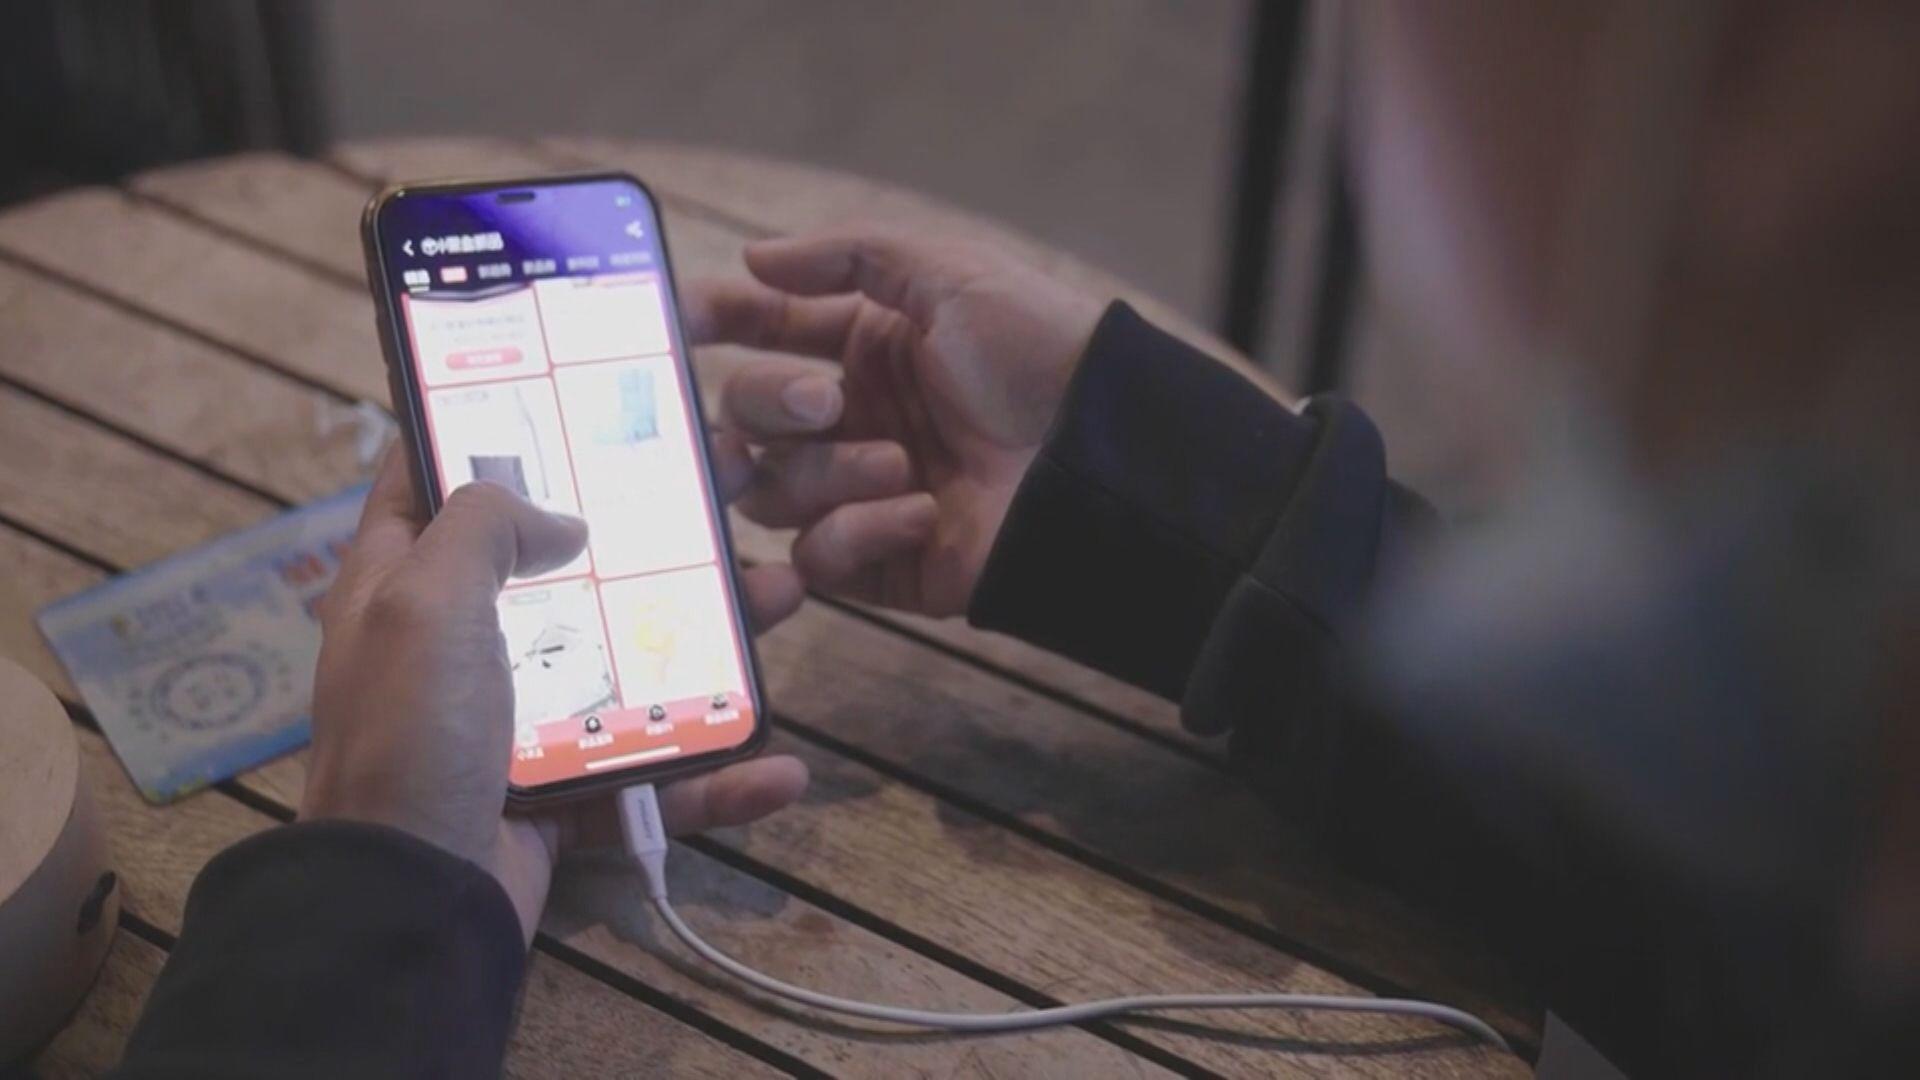 微博、抖音等平台發起《自律公約》 違規帳號將被「聯合懲戒」